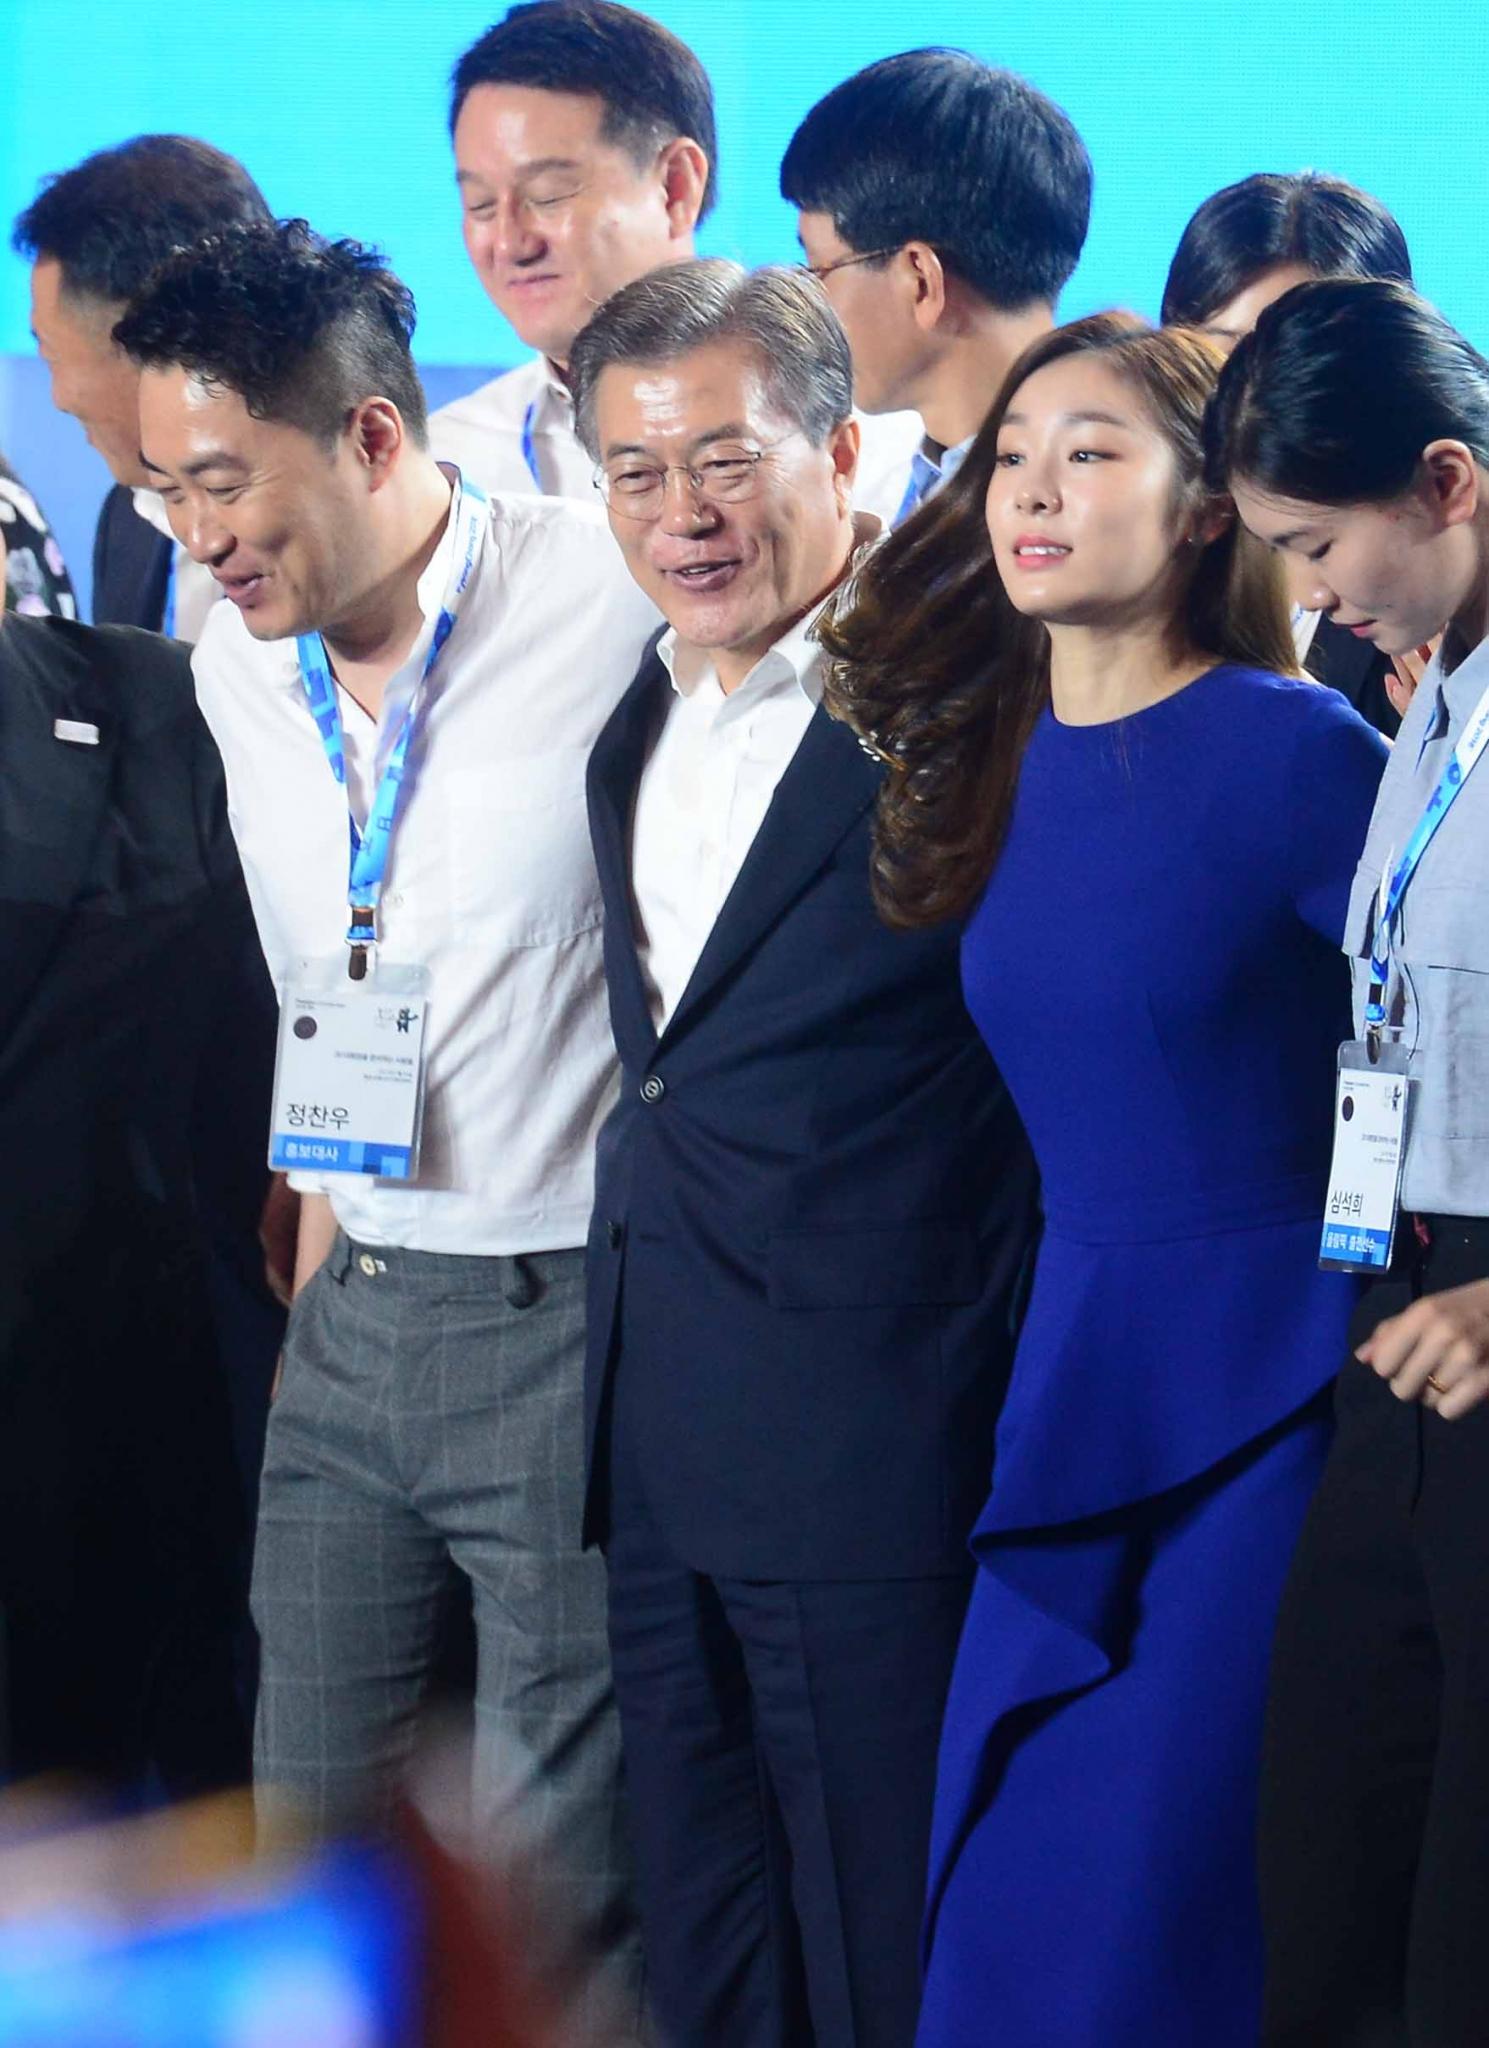 문재인 김연아 어깨동무. 문재인 대통령(가운데)과 김연아 전 피겨스케이팅 선수(오른쪽)가 지난 24일 강원 평창군 알펜시아리조트에서 열린 'G-200, 2018 평창을 준비하는 사람들' 2018 평창 동계올림픽대회 및 동계패럴림픽 성공 다짐 대회에서 참석자들과 함께 어깨동무를 하고 기념촬영을 하고 있다. /사진=뉴시스